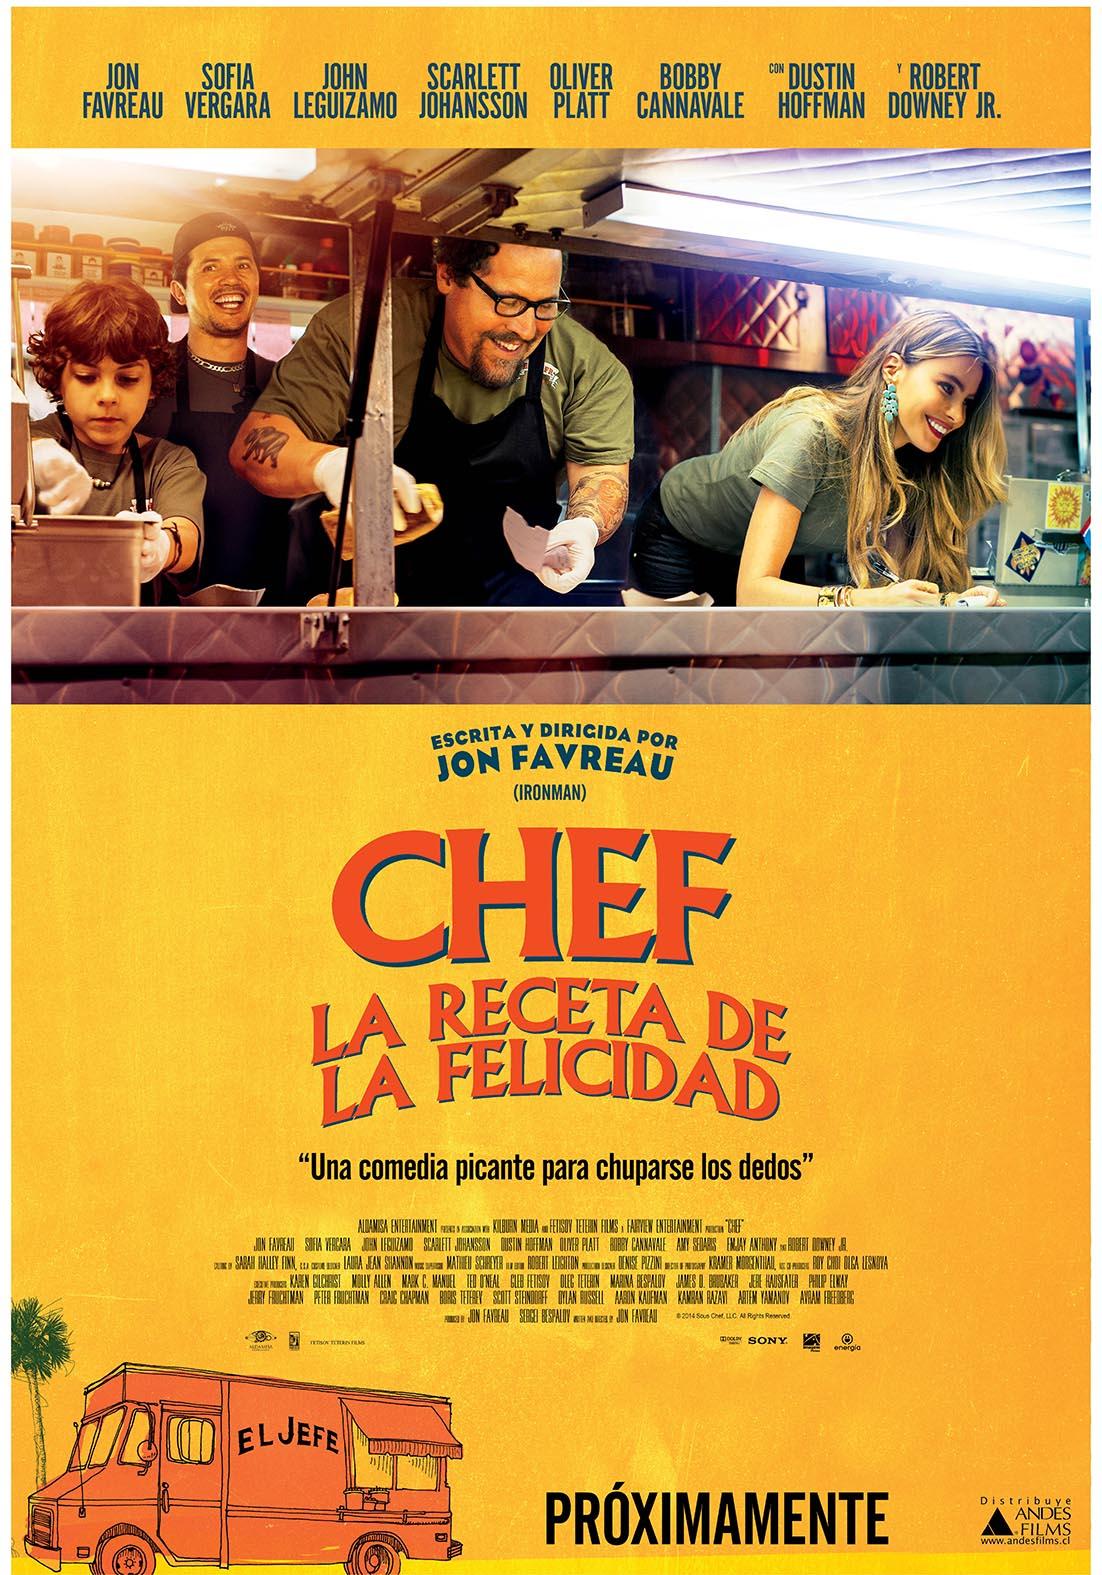 https://www.andesfilms.com.pe/chef-la-receta-de-la-felicidad/